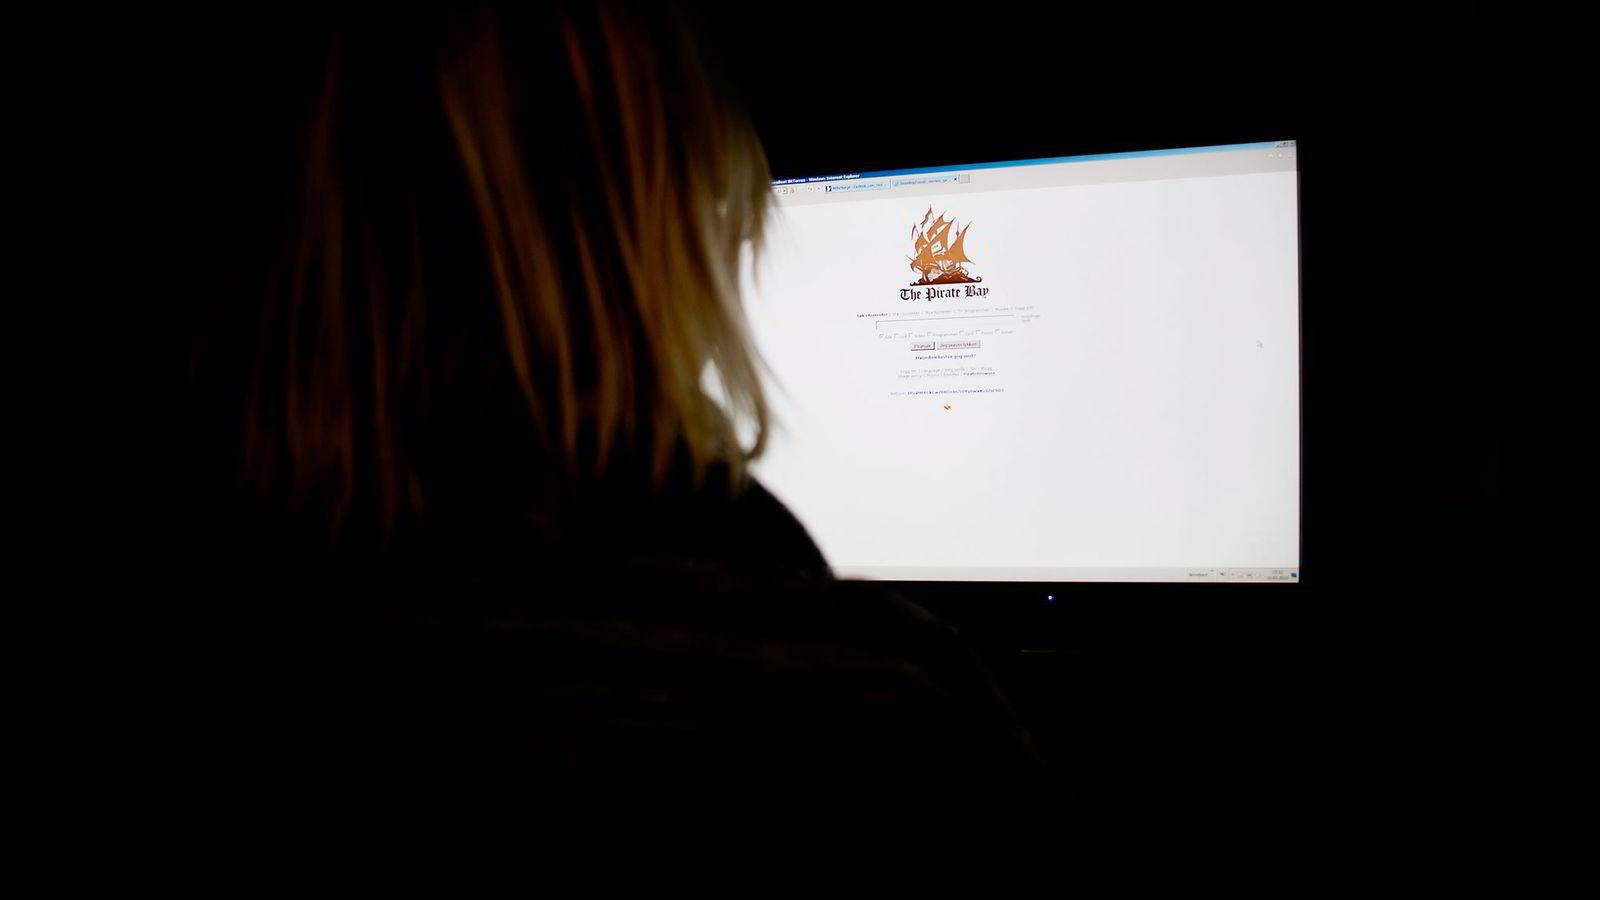 Speilversjoner som omgår blokkeringen dukker raskt opp i de landene hvor The Pirate Bay blir blokkert.